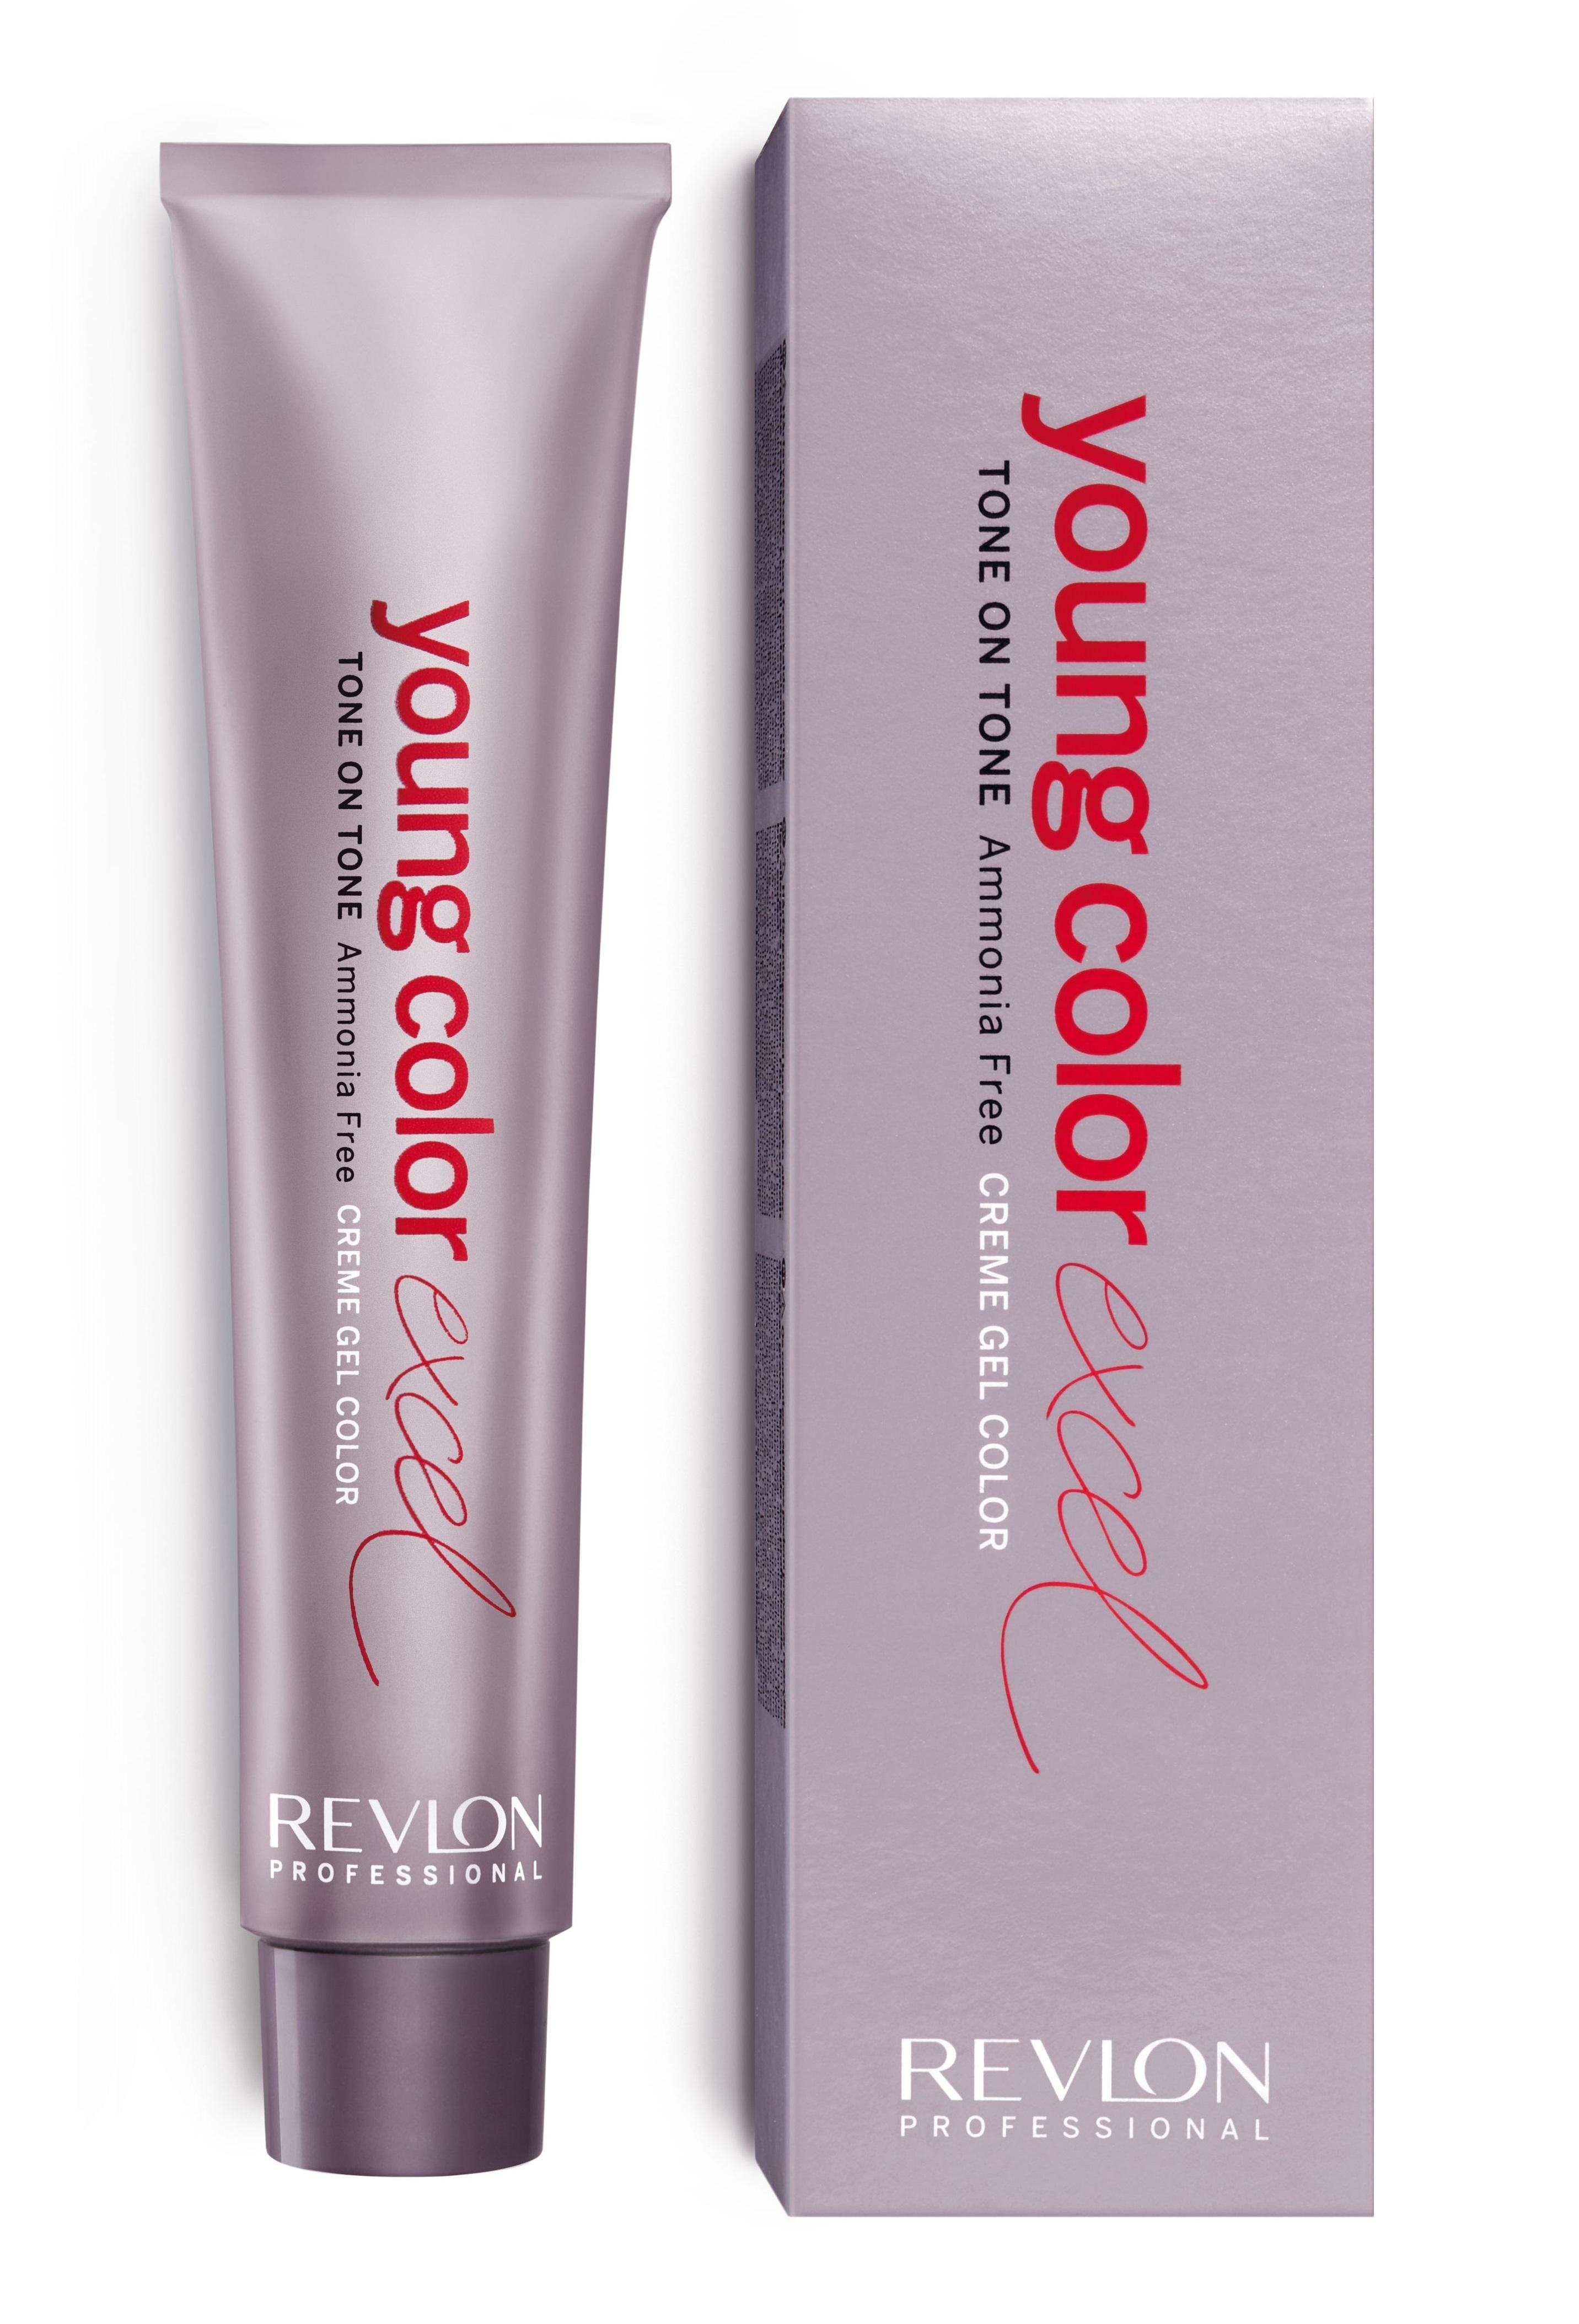 Revlon professional 2-10 крем-гель